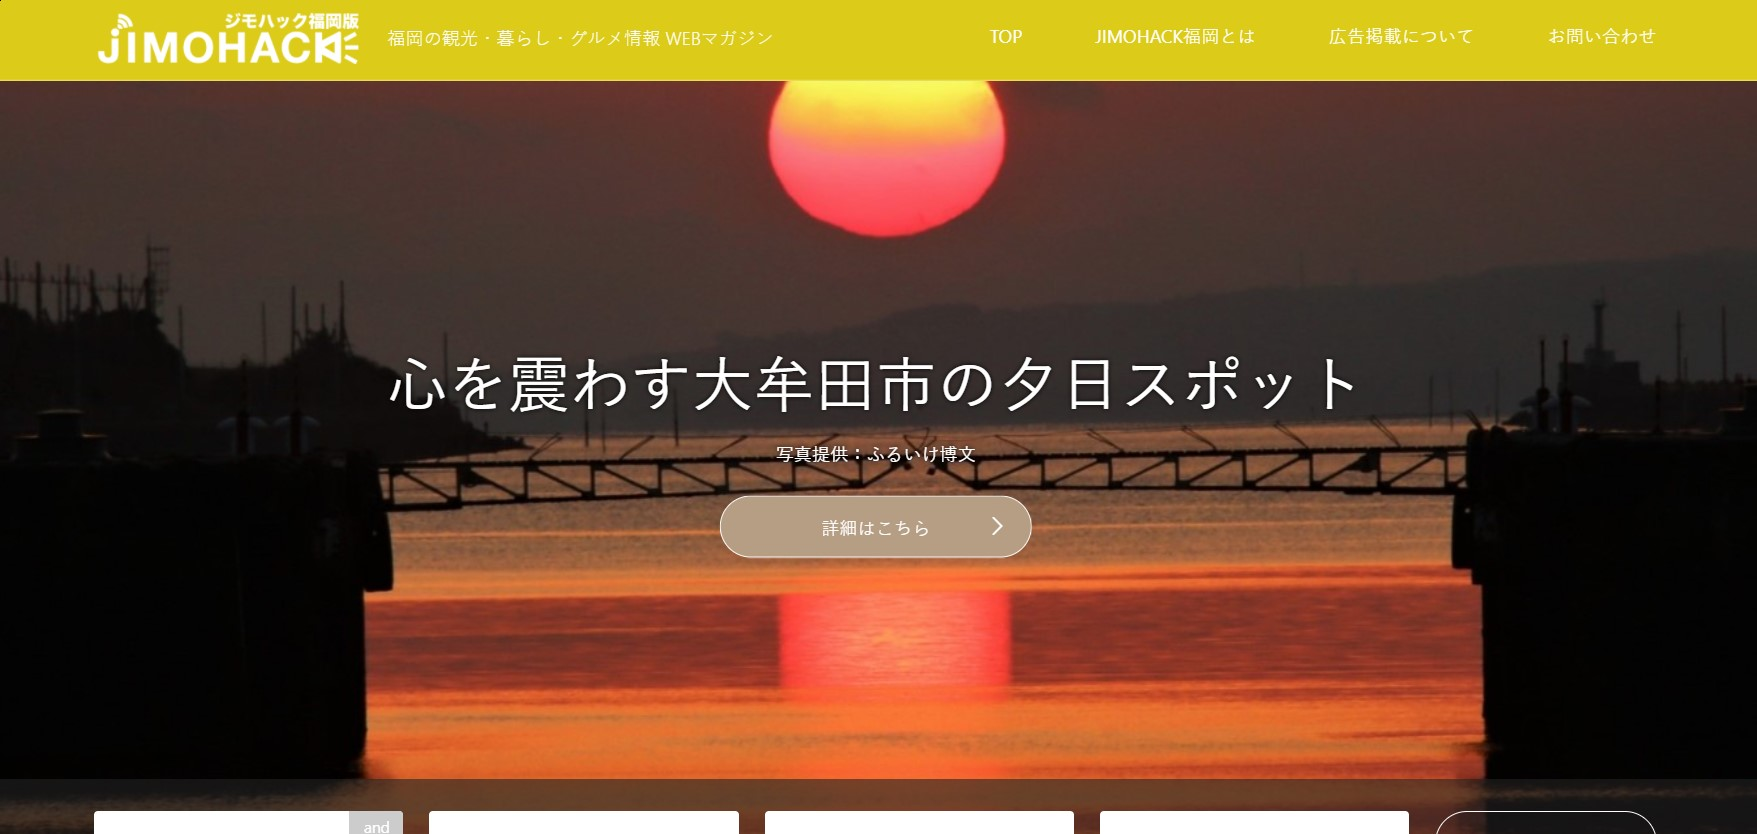 JIMOHACK福岡のトップページ